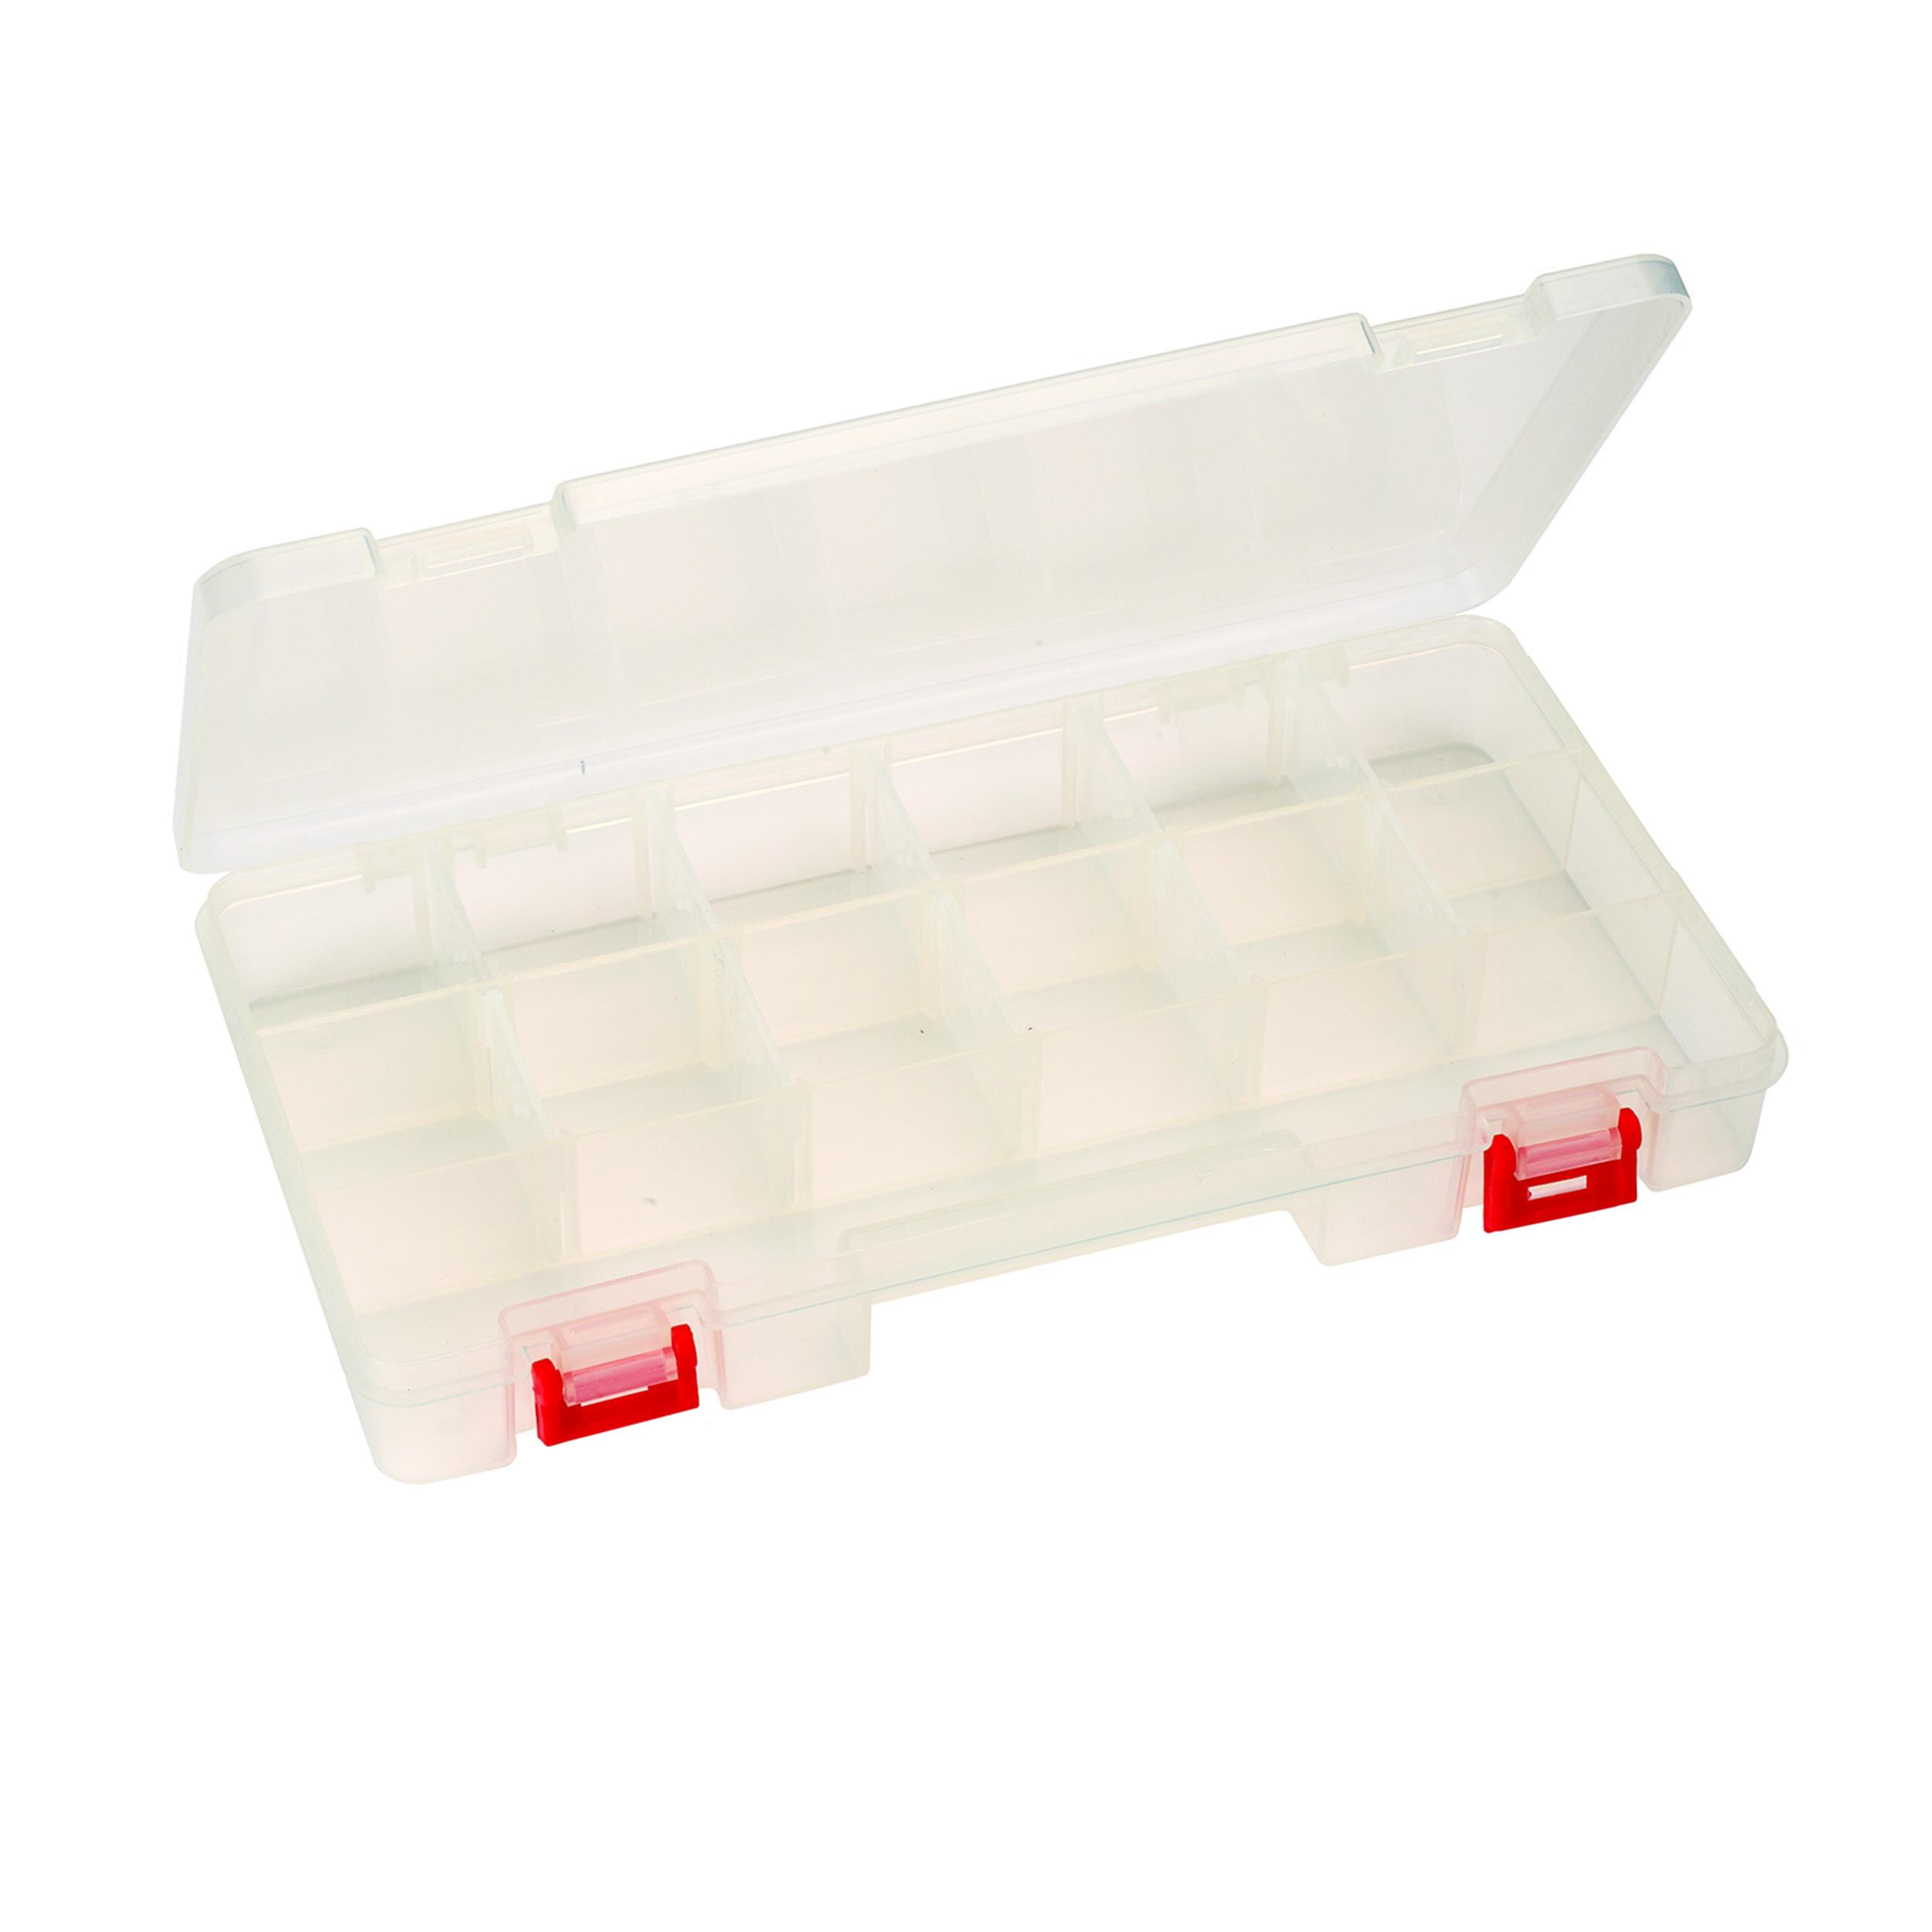 Small 13 Compartment Storage Box